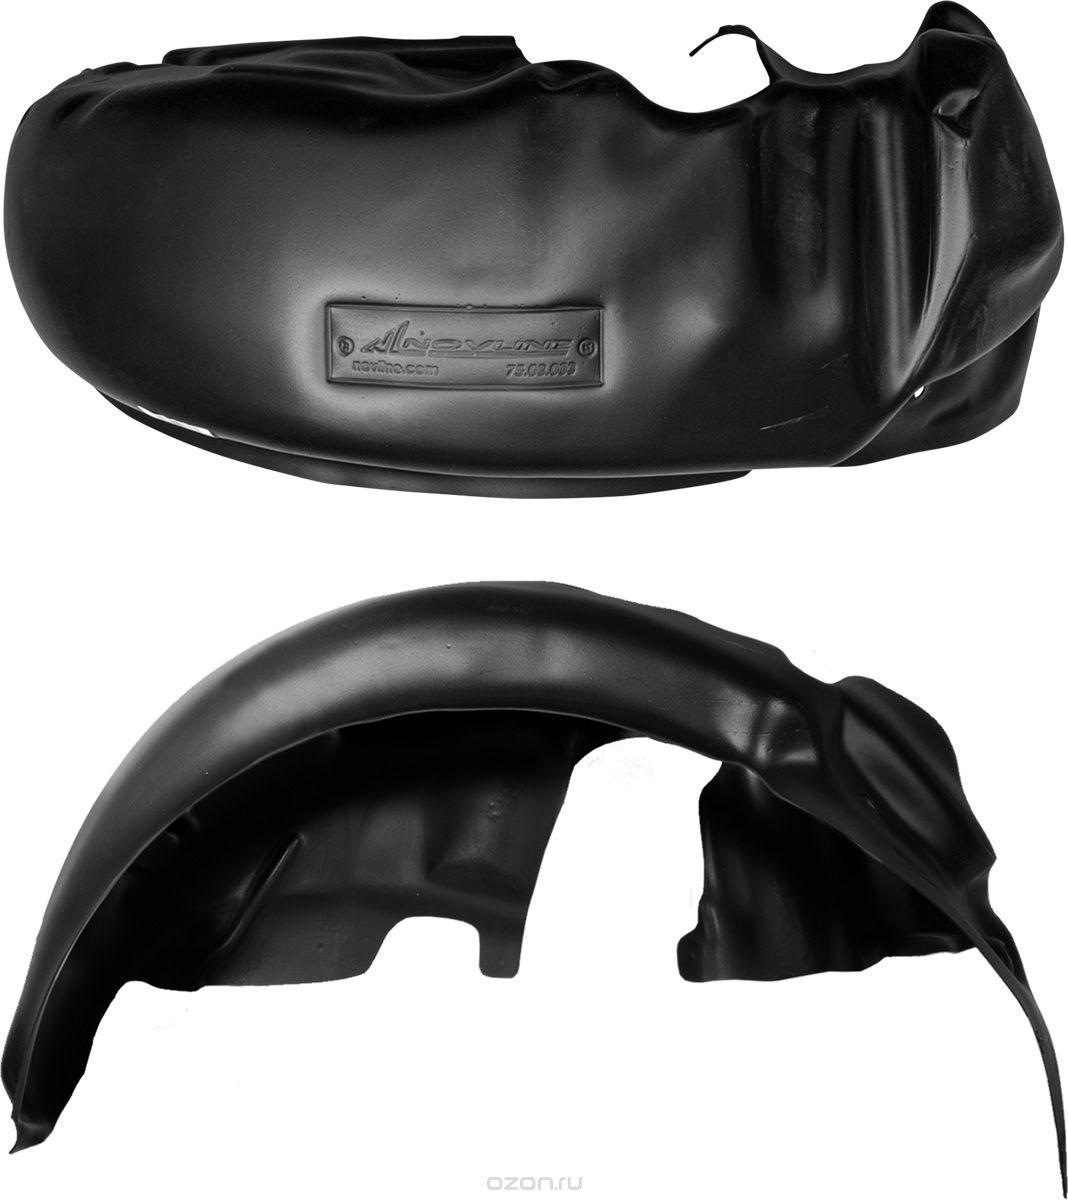 Подкрылок Novline-Autofamily, для SKODA Octavia, 2013->, Седан, задний правый42803004Идеальная защита колесной ниши. Локеры разработаны с применением цифровых технологий, гарантируют максимальную повторяемость поверхности арки. Изделия устанавливаются без нарушения лакокрасочного покрытия автомобиля, каждый подкрылок комплектуется крепежом. Уважаемые клиенты, обращаем ваше внимание, что фотографии на подкрылки универсальные и не отражают реальную форму изделия. При этом само изделие идет точно под размер указанного автомобиля.